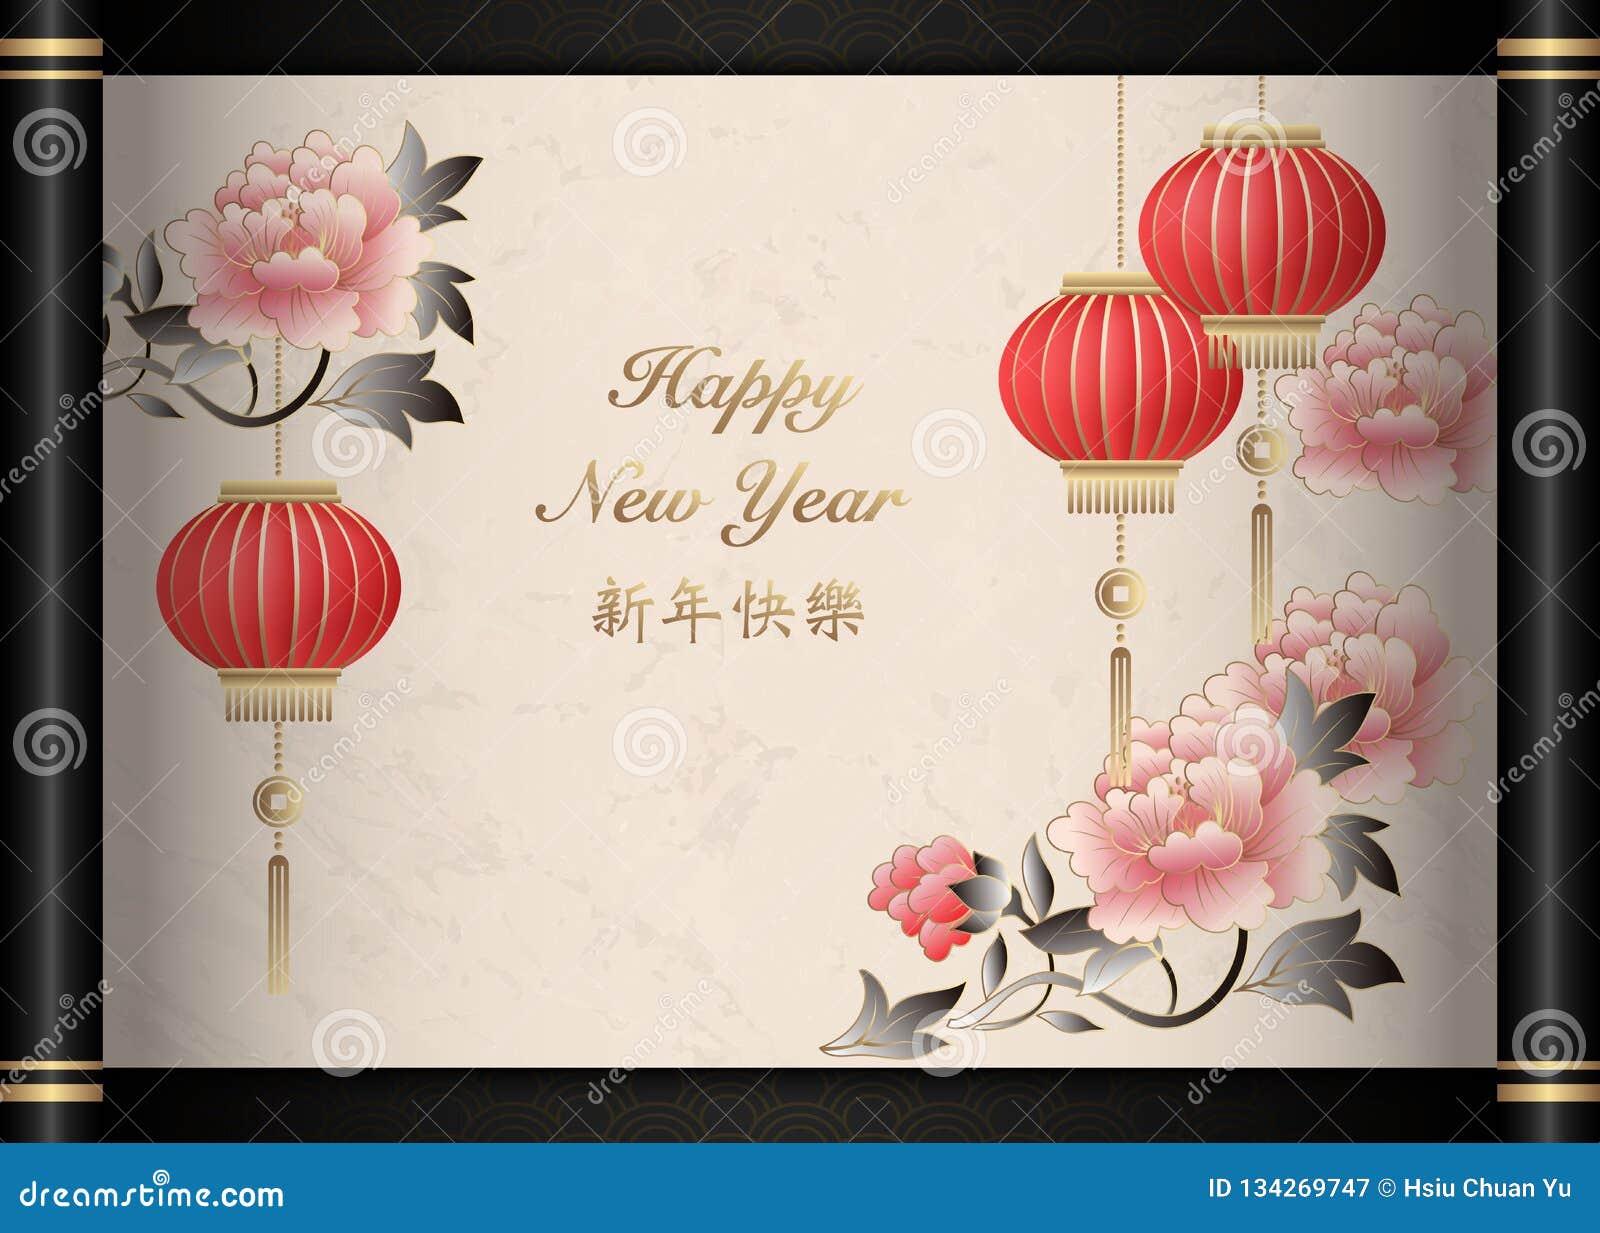 Retro traditionellt för snirkelpapper för kinesisk stil lyckligt nytt år för svart för pion lykta för blomma